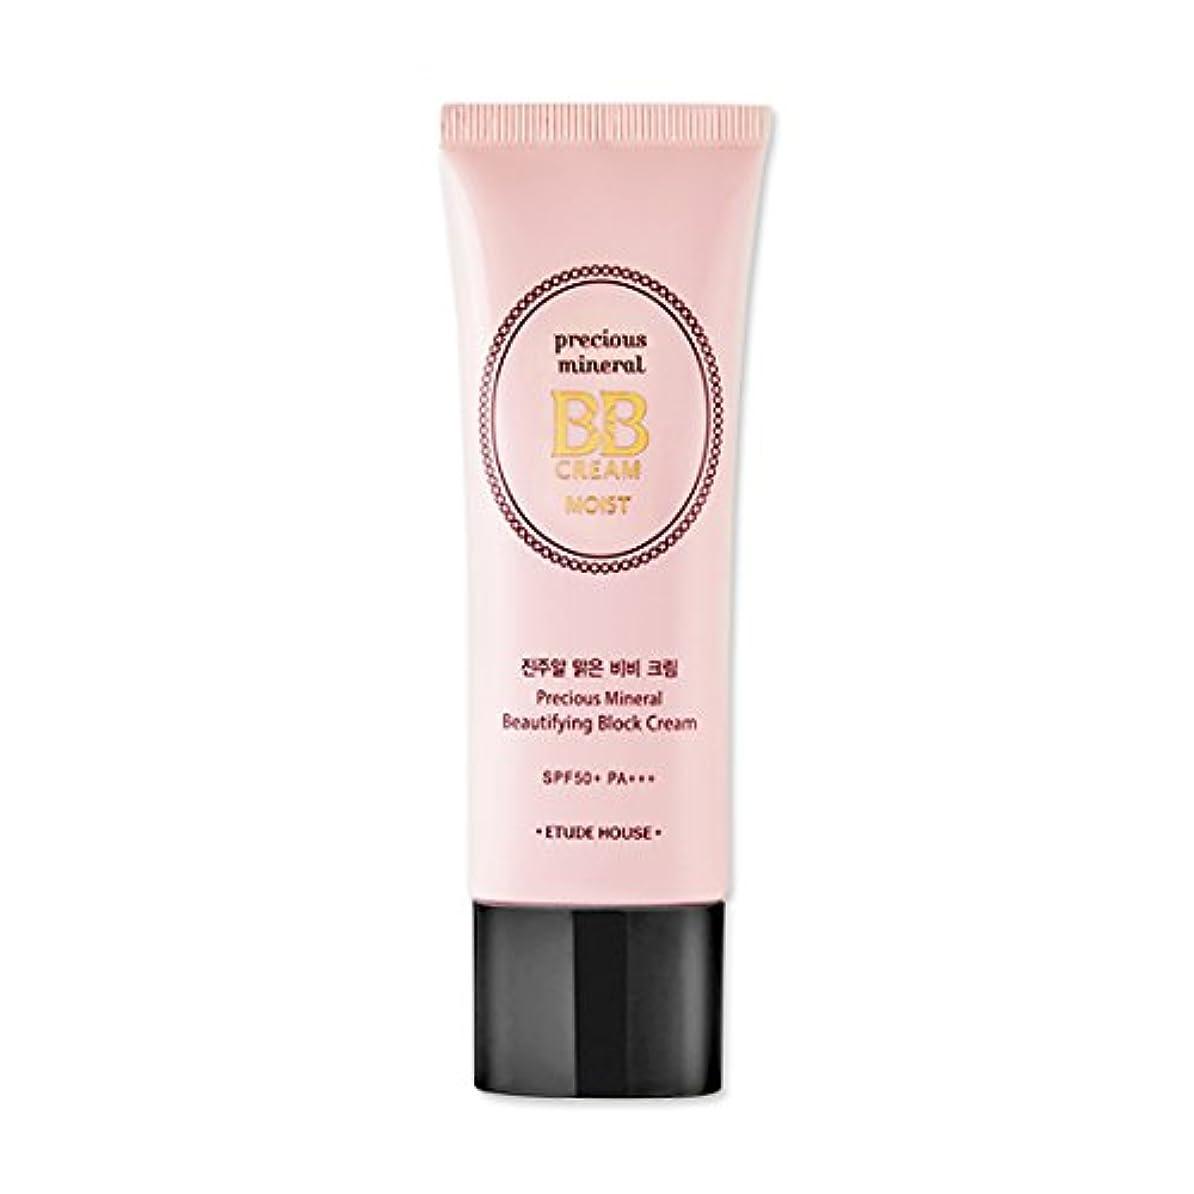 ジョグ本コア[New] ETUDE HOUSE Precious Mineral BB Cream * Moist * 45g/エチュードハウス プレシャス ミネラル BBクリーム * モイスト * 45g (#Sand) [並行輸入品]